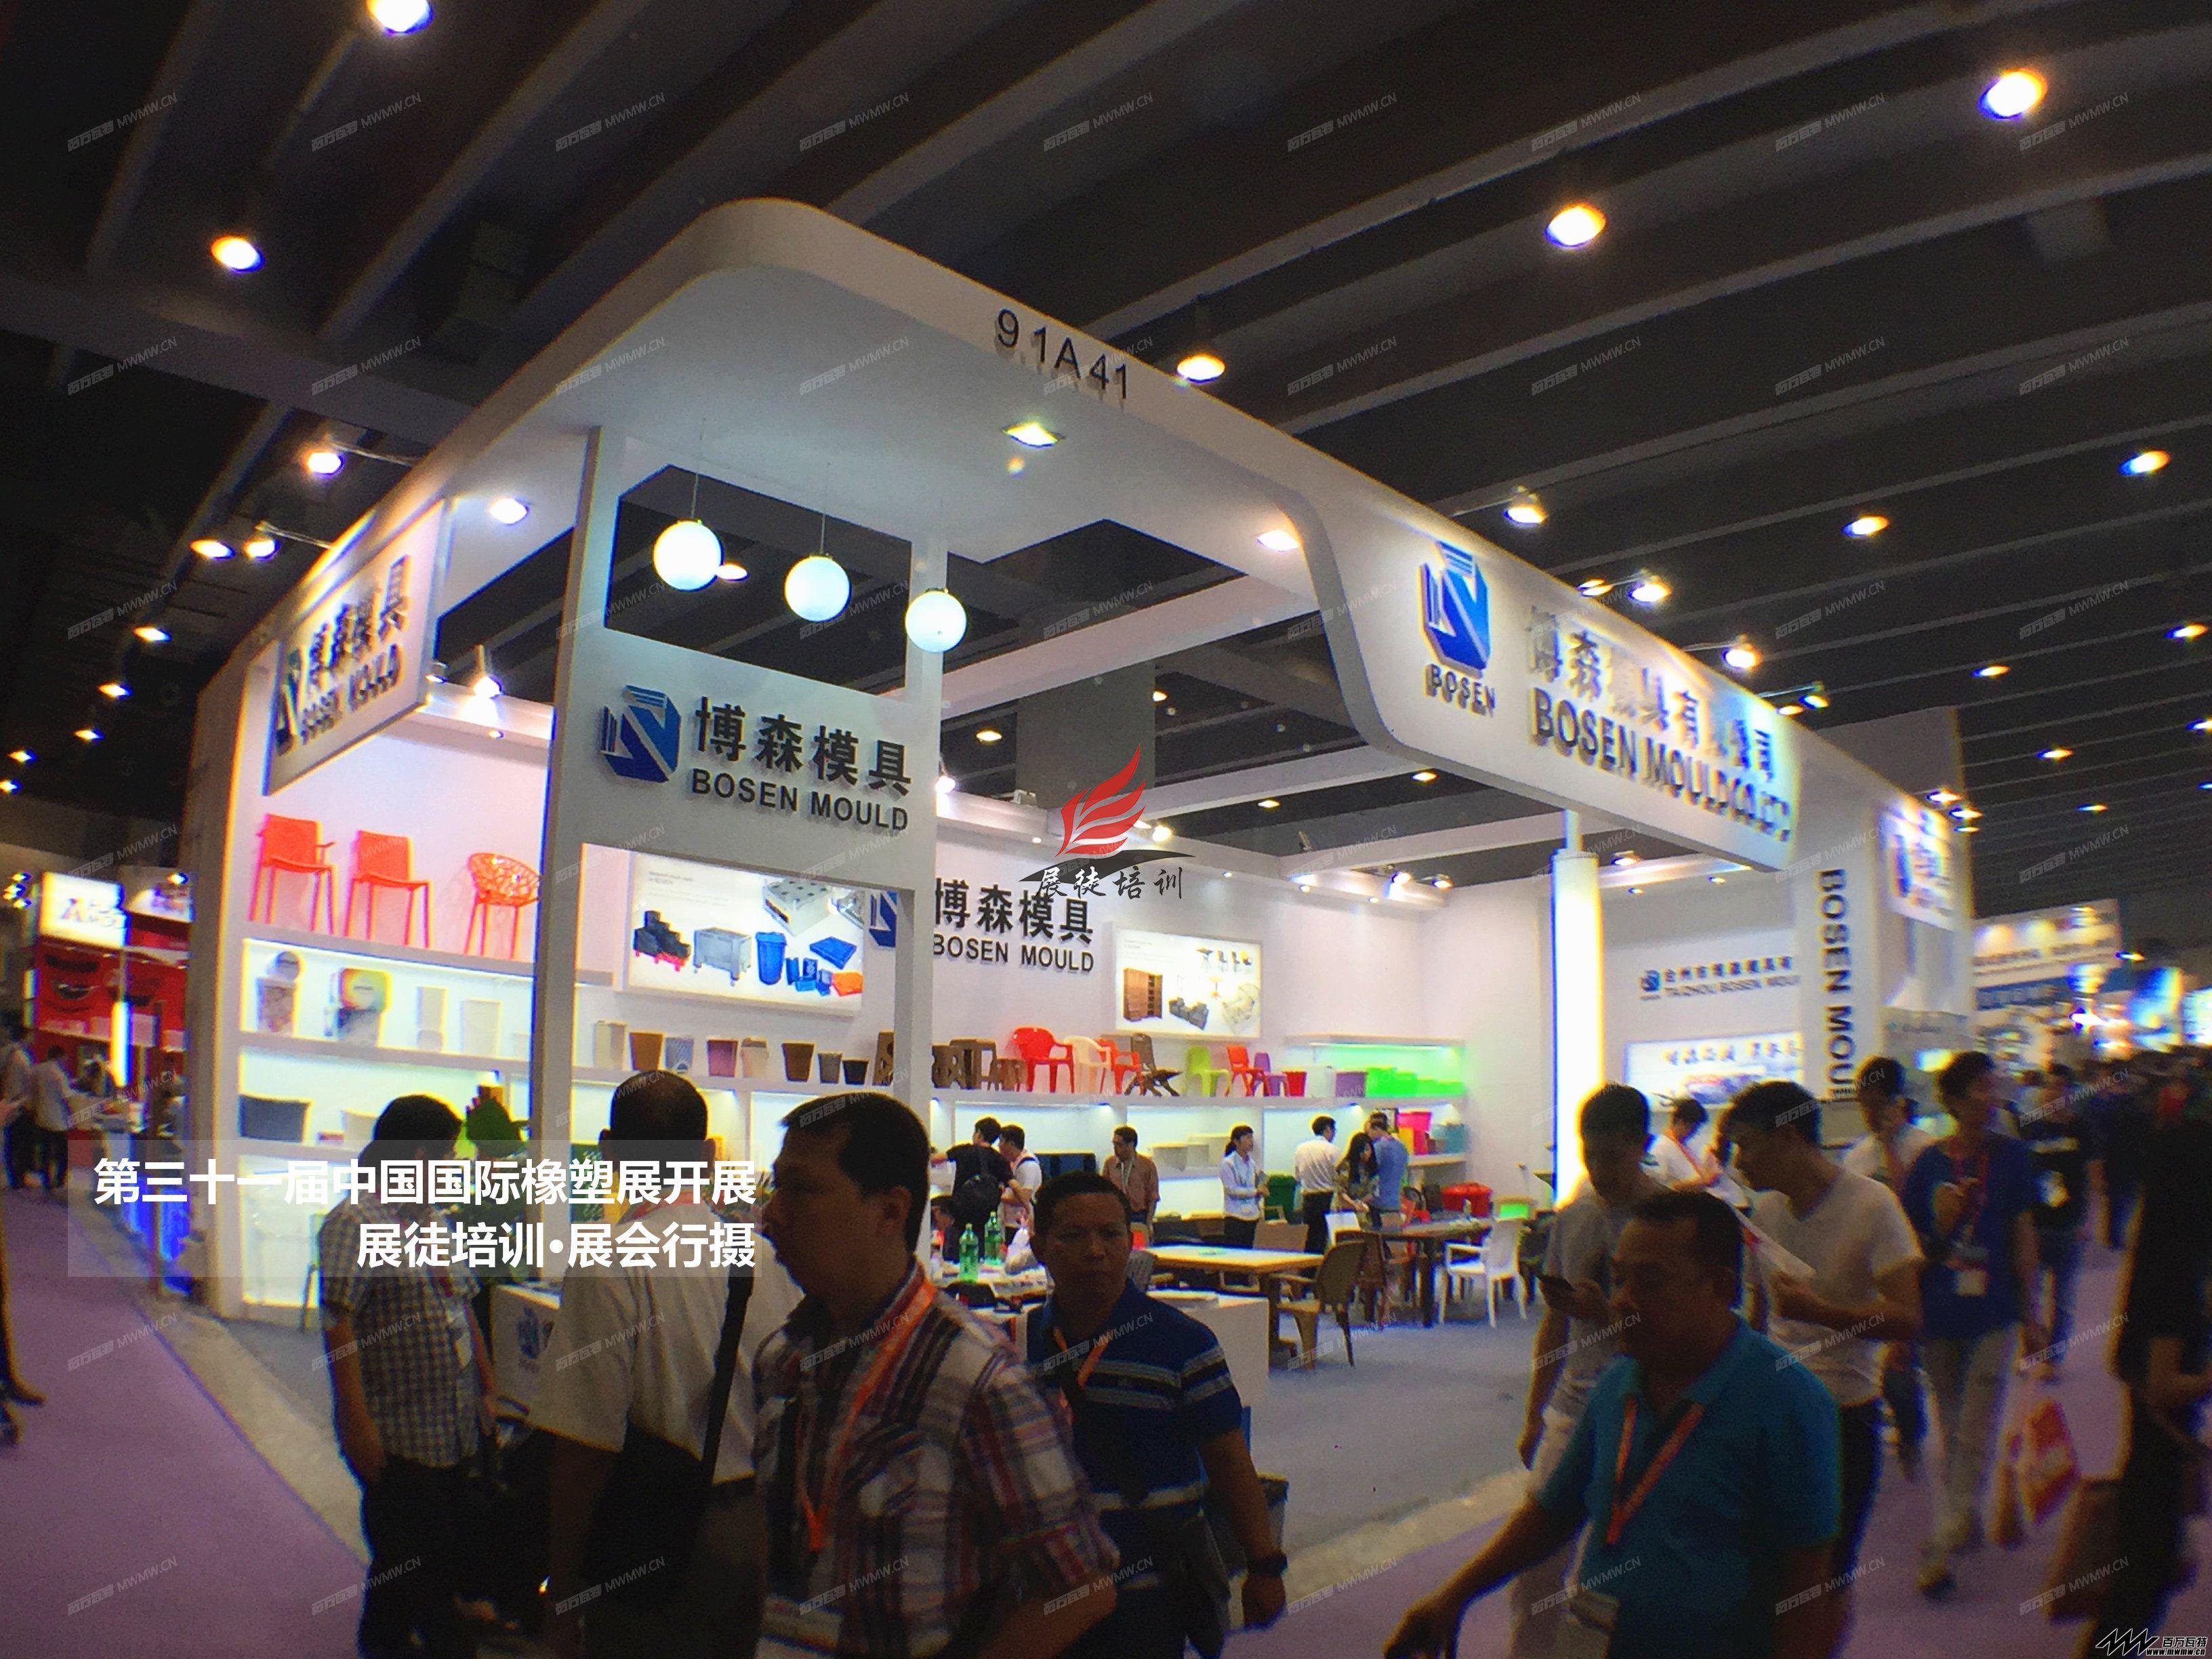 2017第三十一届中国国际橡塑展·展徒培训·展会行摄 (22) - 副本.JPG